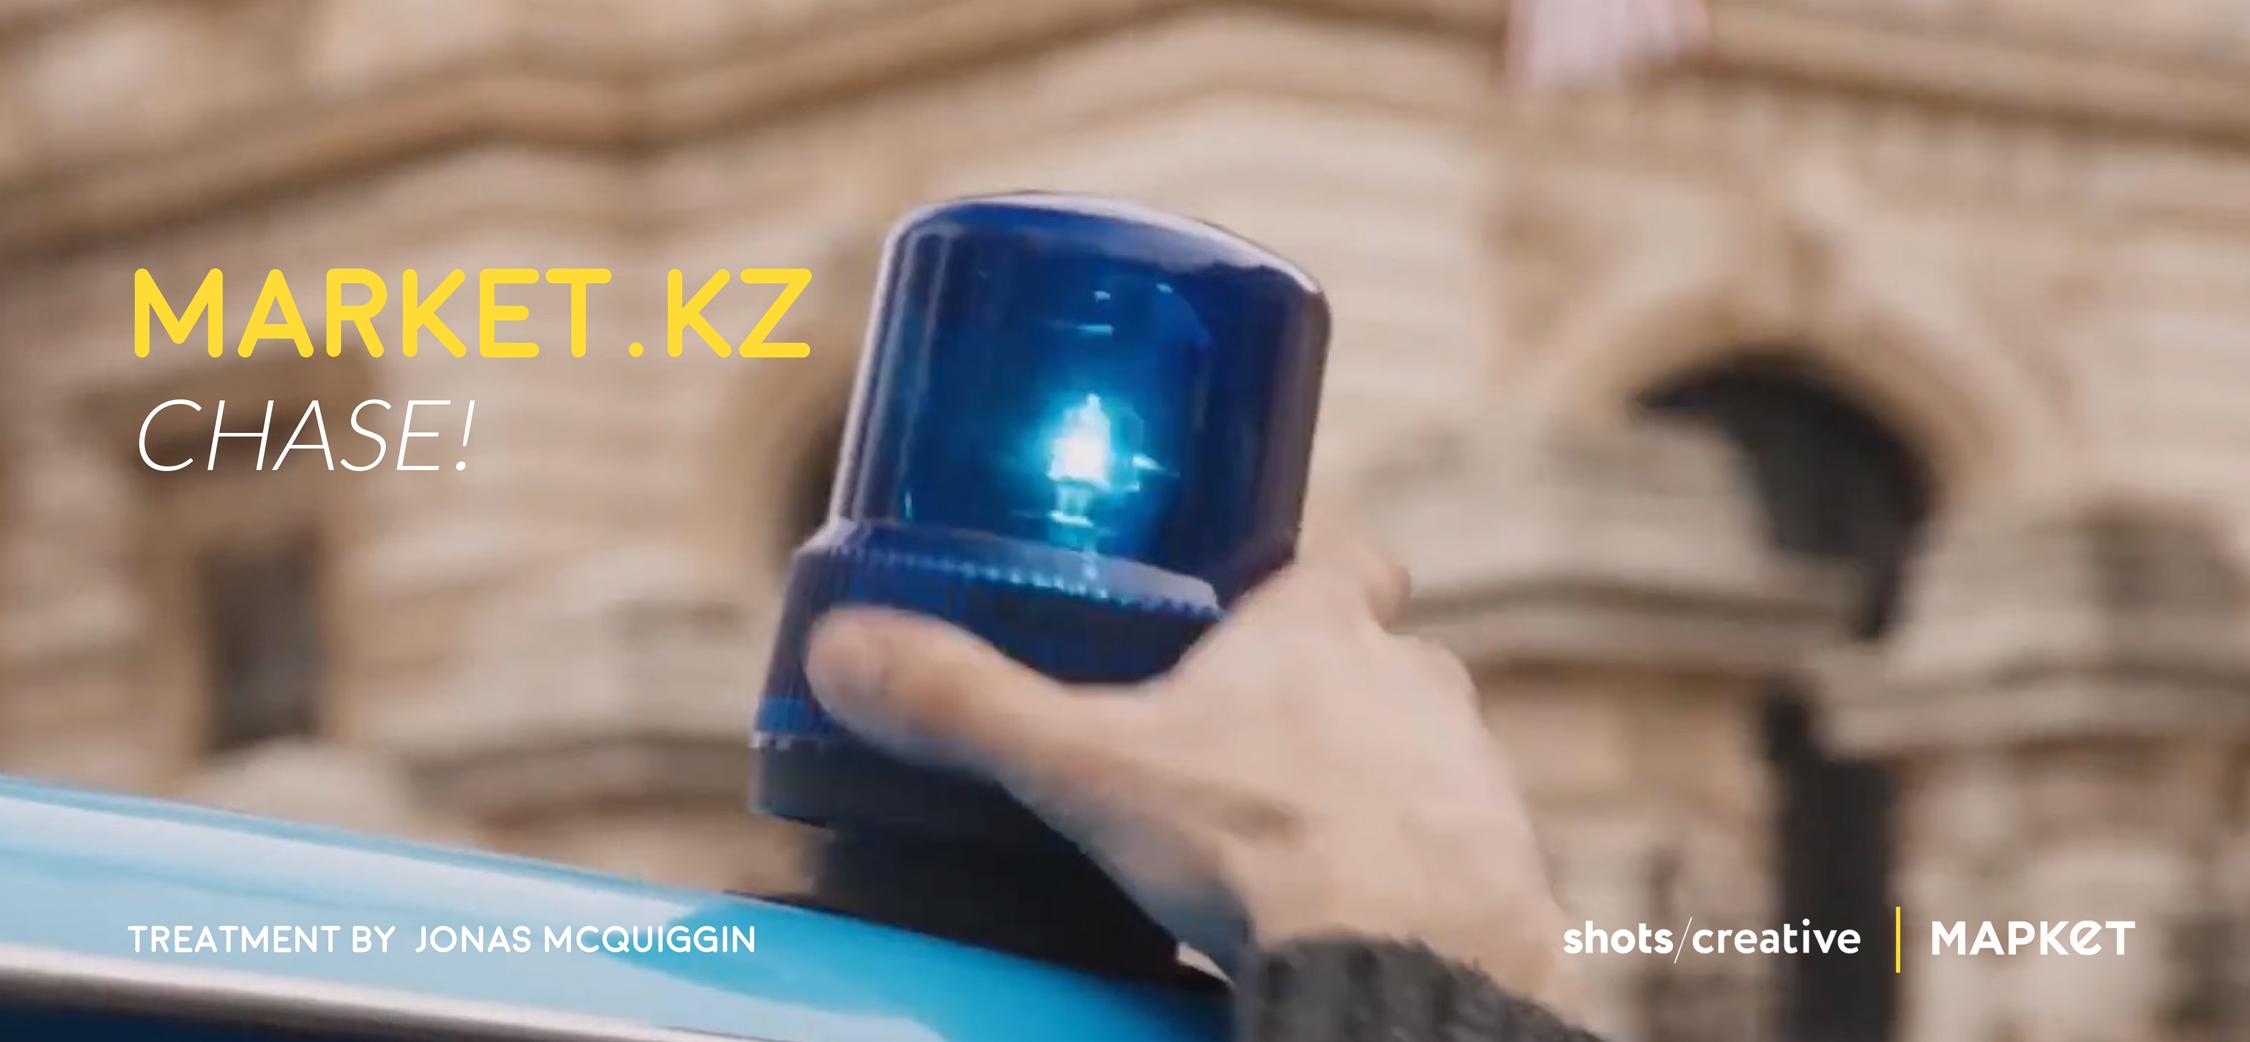 Market.kz---'Chase'-1.jpg